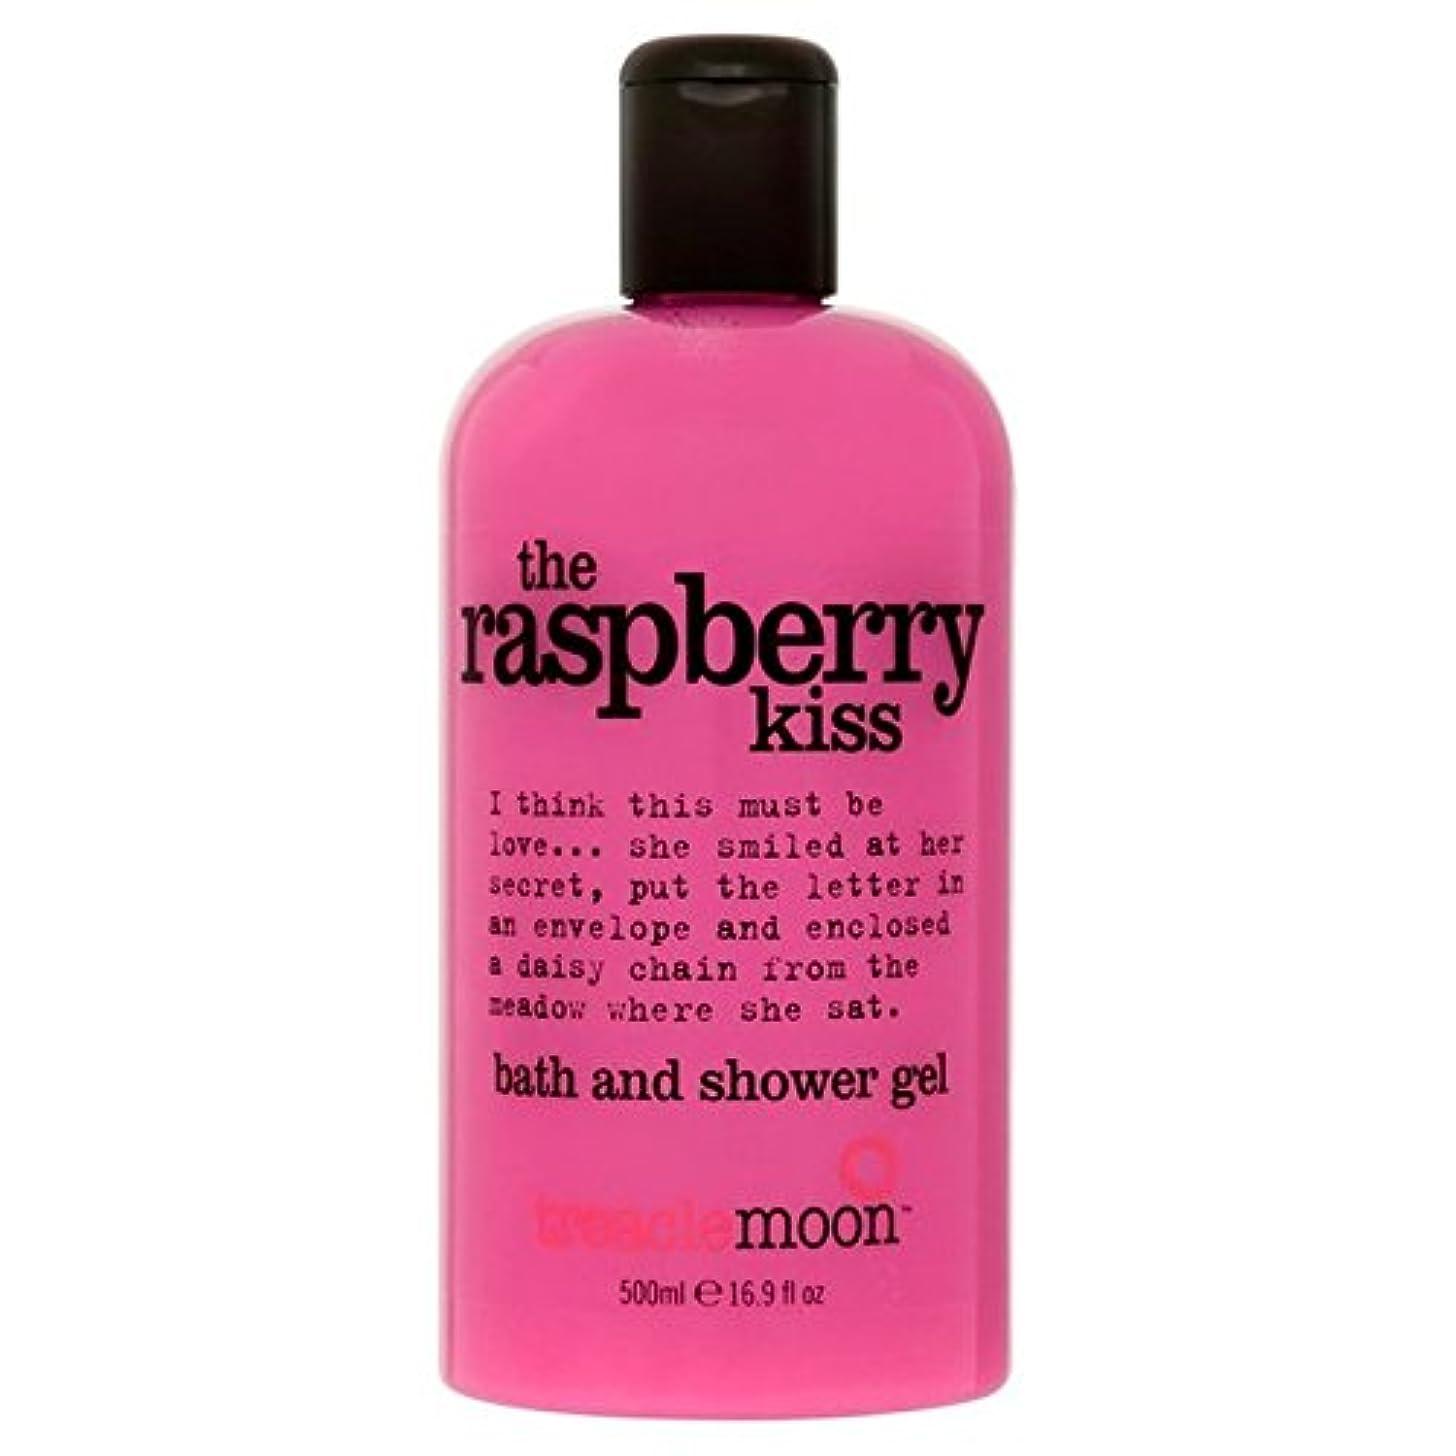 マーガレットミッチェル軽減より多い糖蜜ムーンラズベリーバス&シャワージェル500ミリリットル x2 - Treacle Moon Raspberry Bath & Shower Gel 500ml (Pack of 2) [並行輸入品]